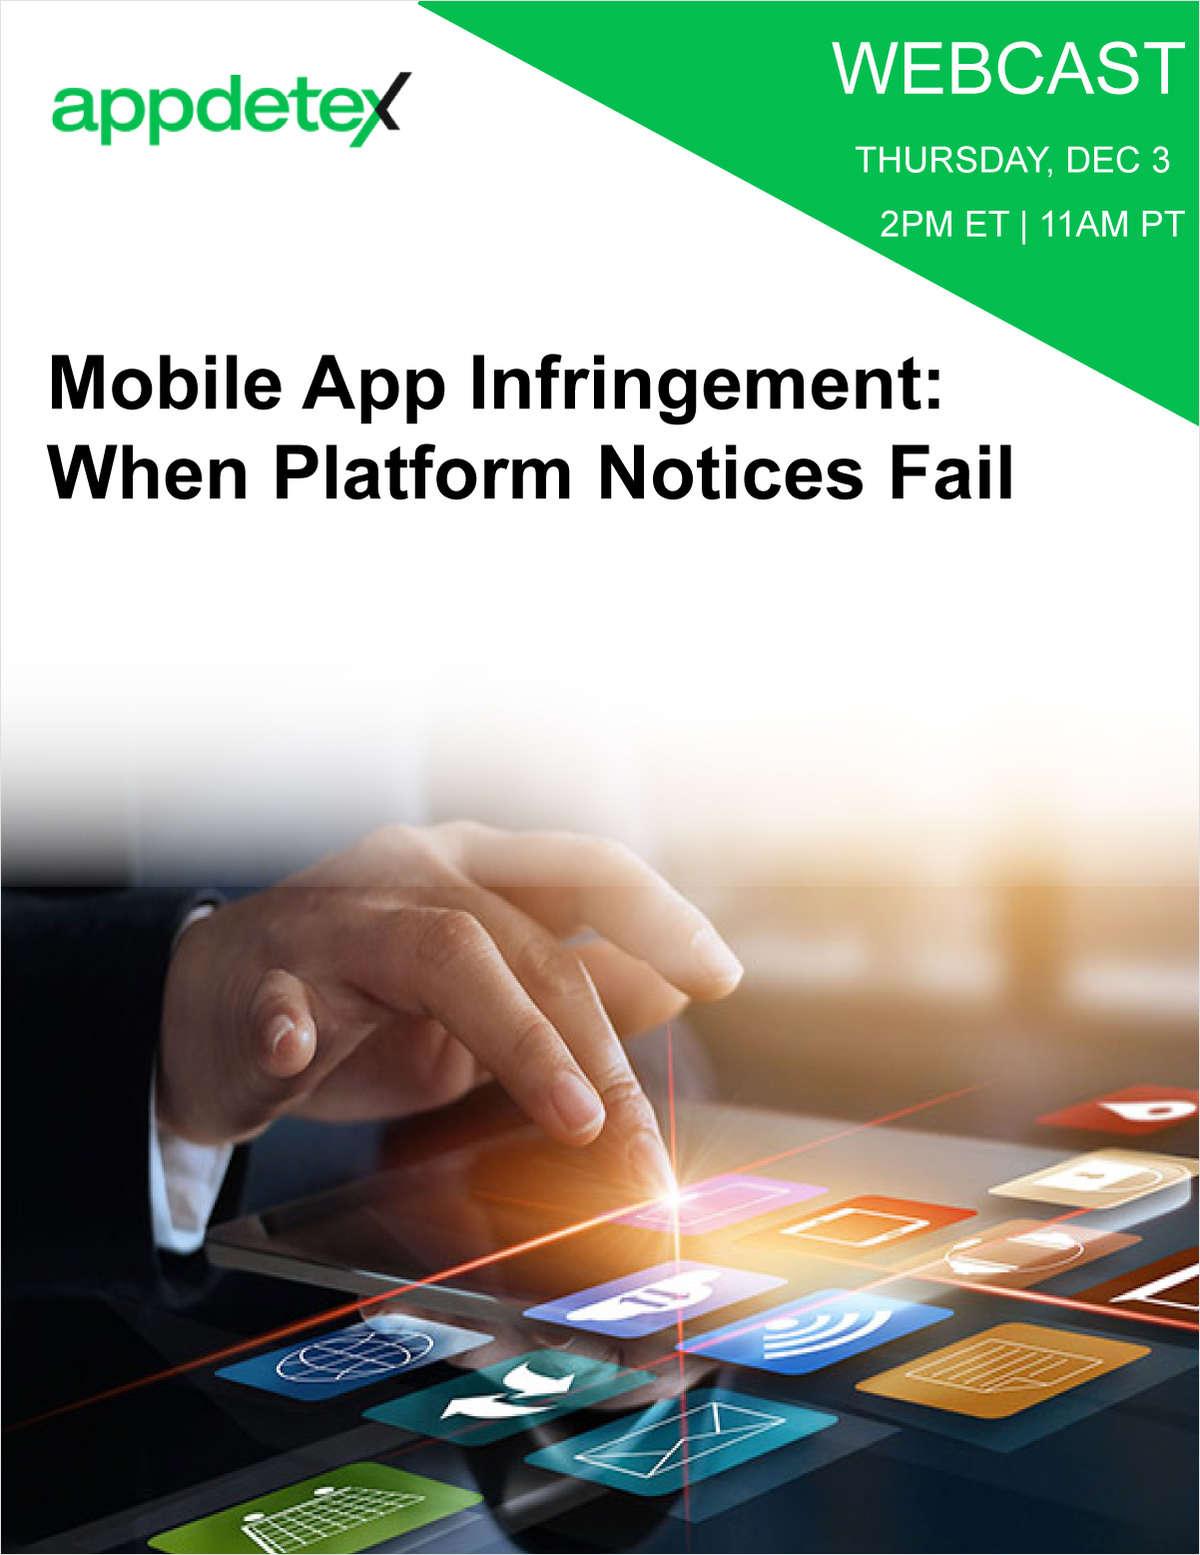 Mobile App Infringement: When Platform Notices Fail